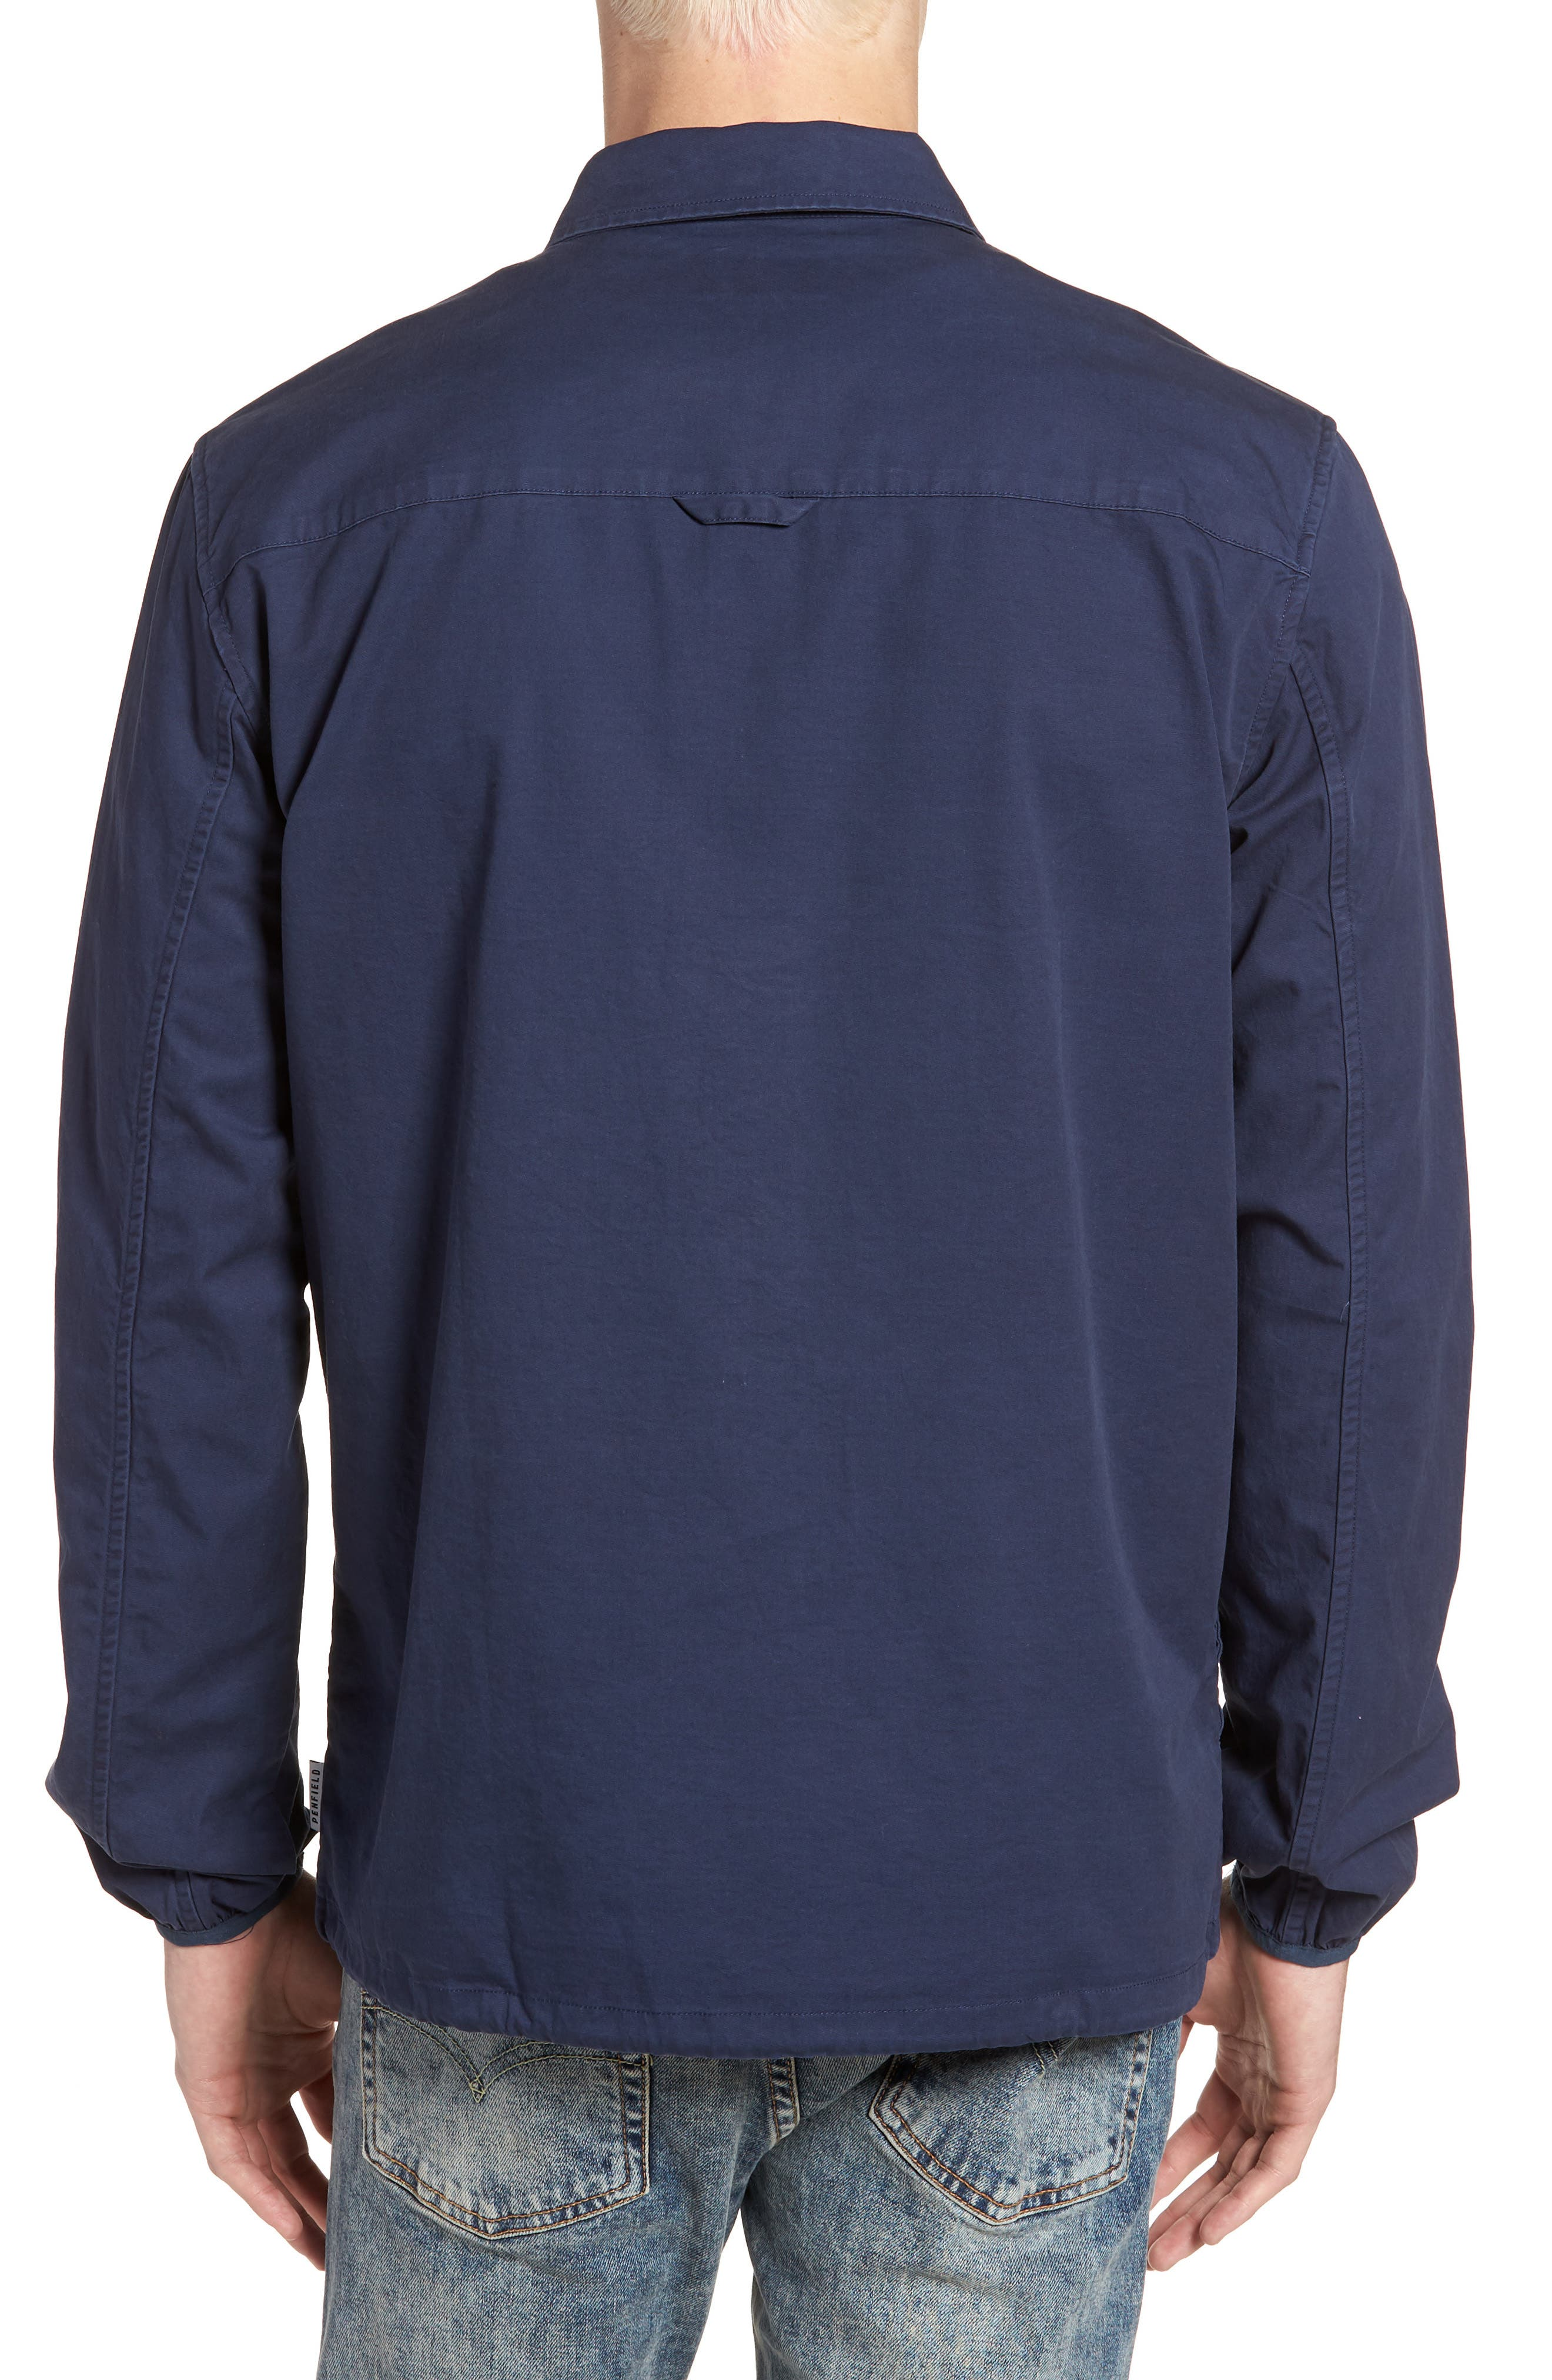 Blackstone Shirt Jacket,                             Alternate thumbnail 2, color,                             400